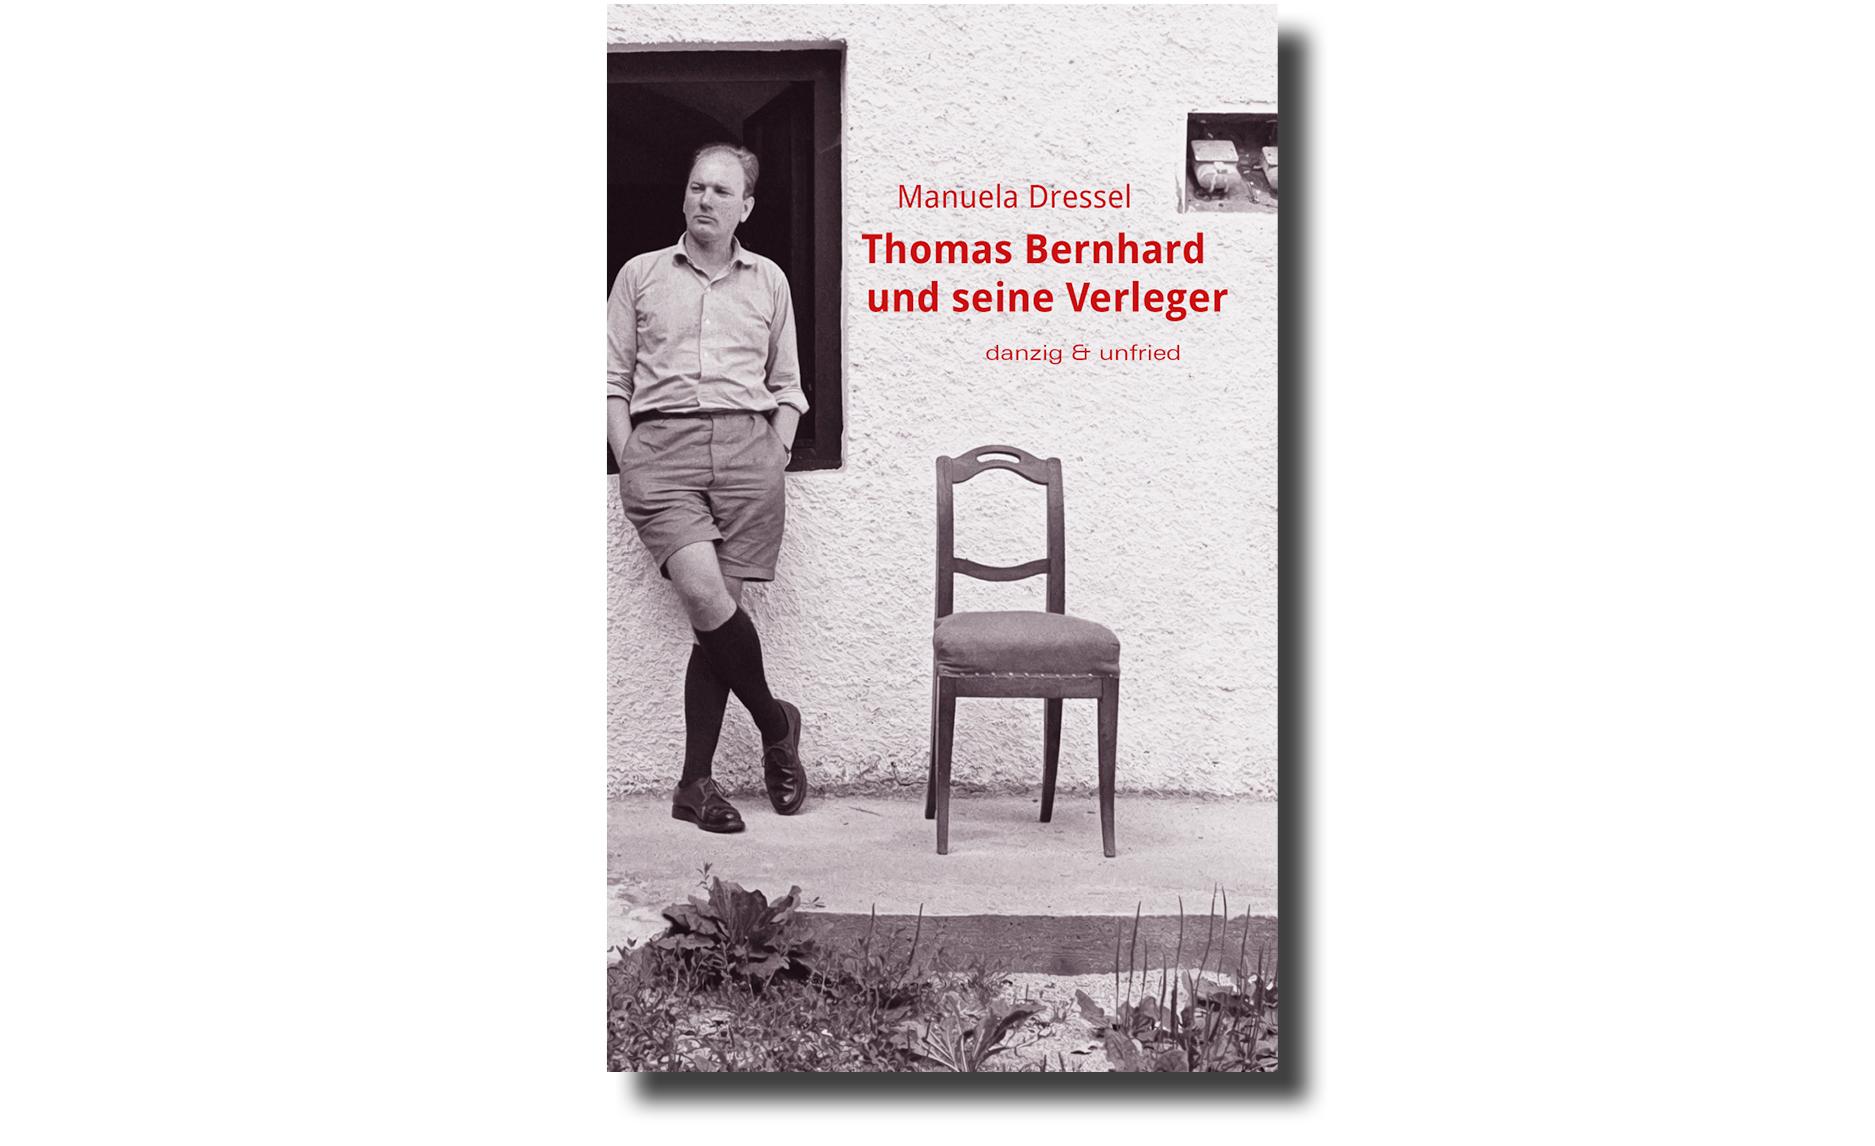 manuela-dressel-thomas-bernhard-und-seine-verleger